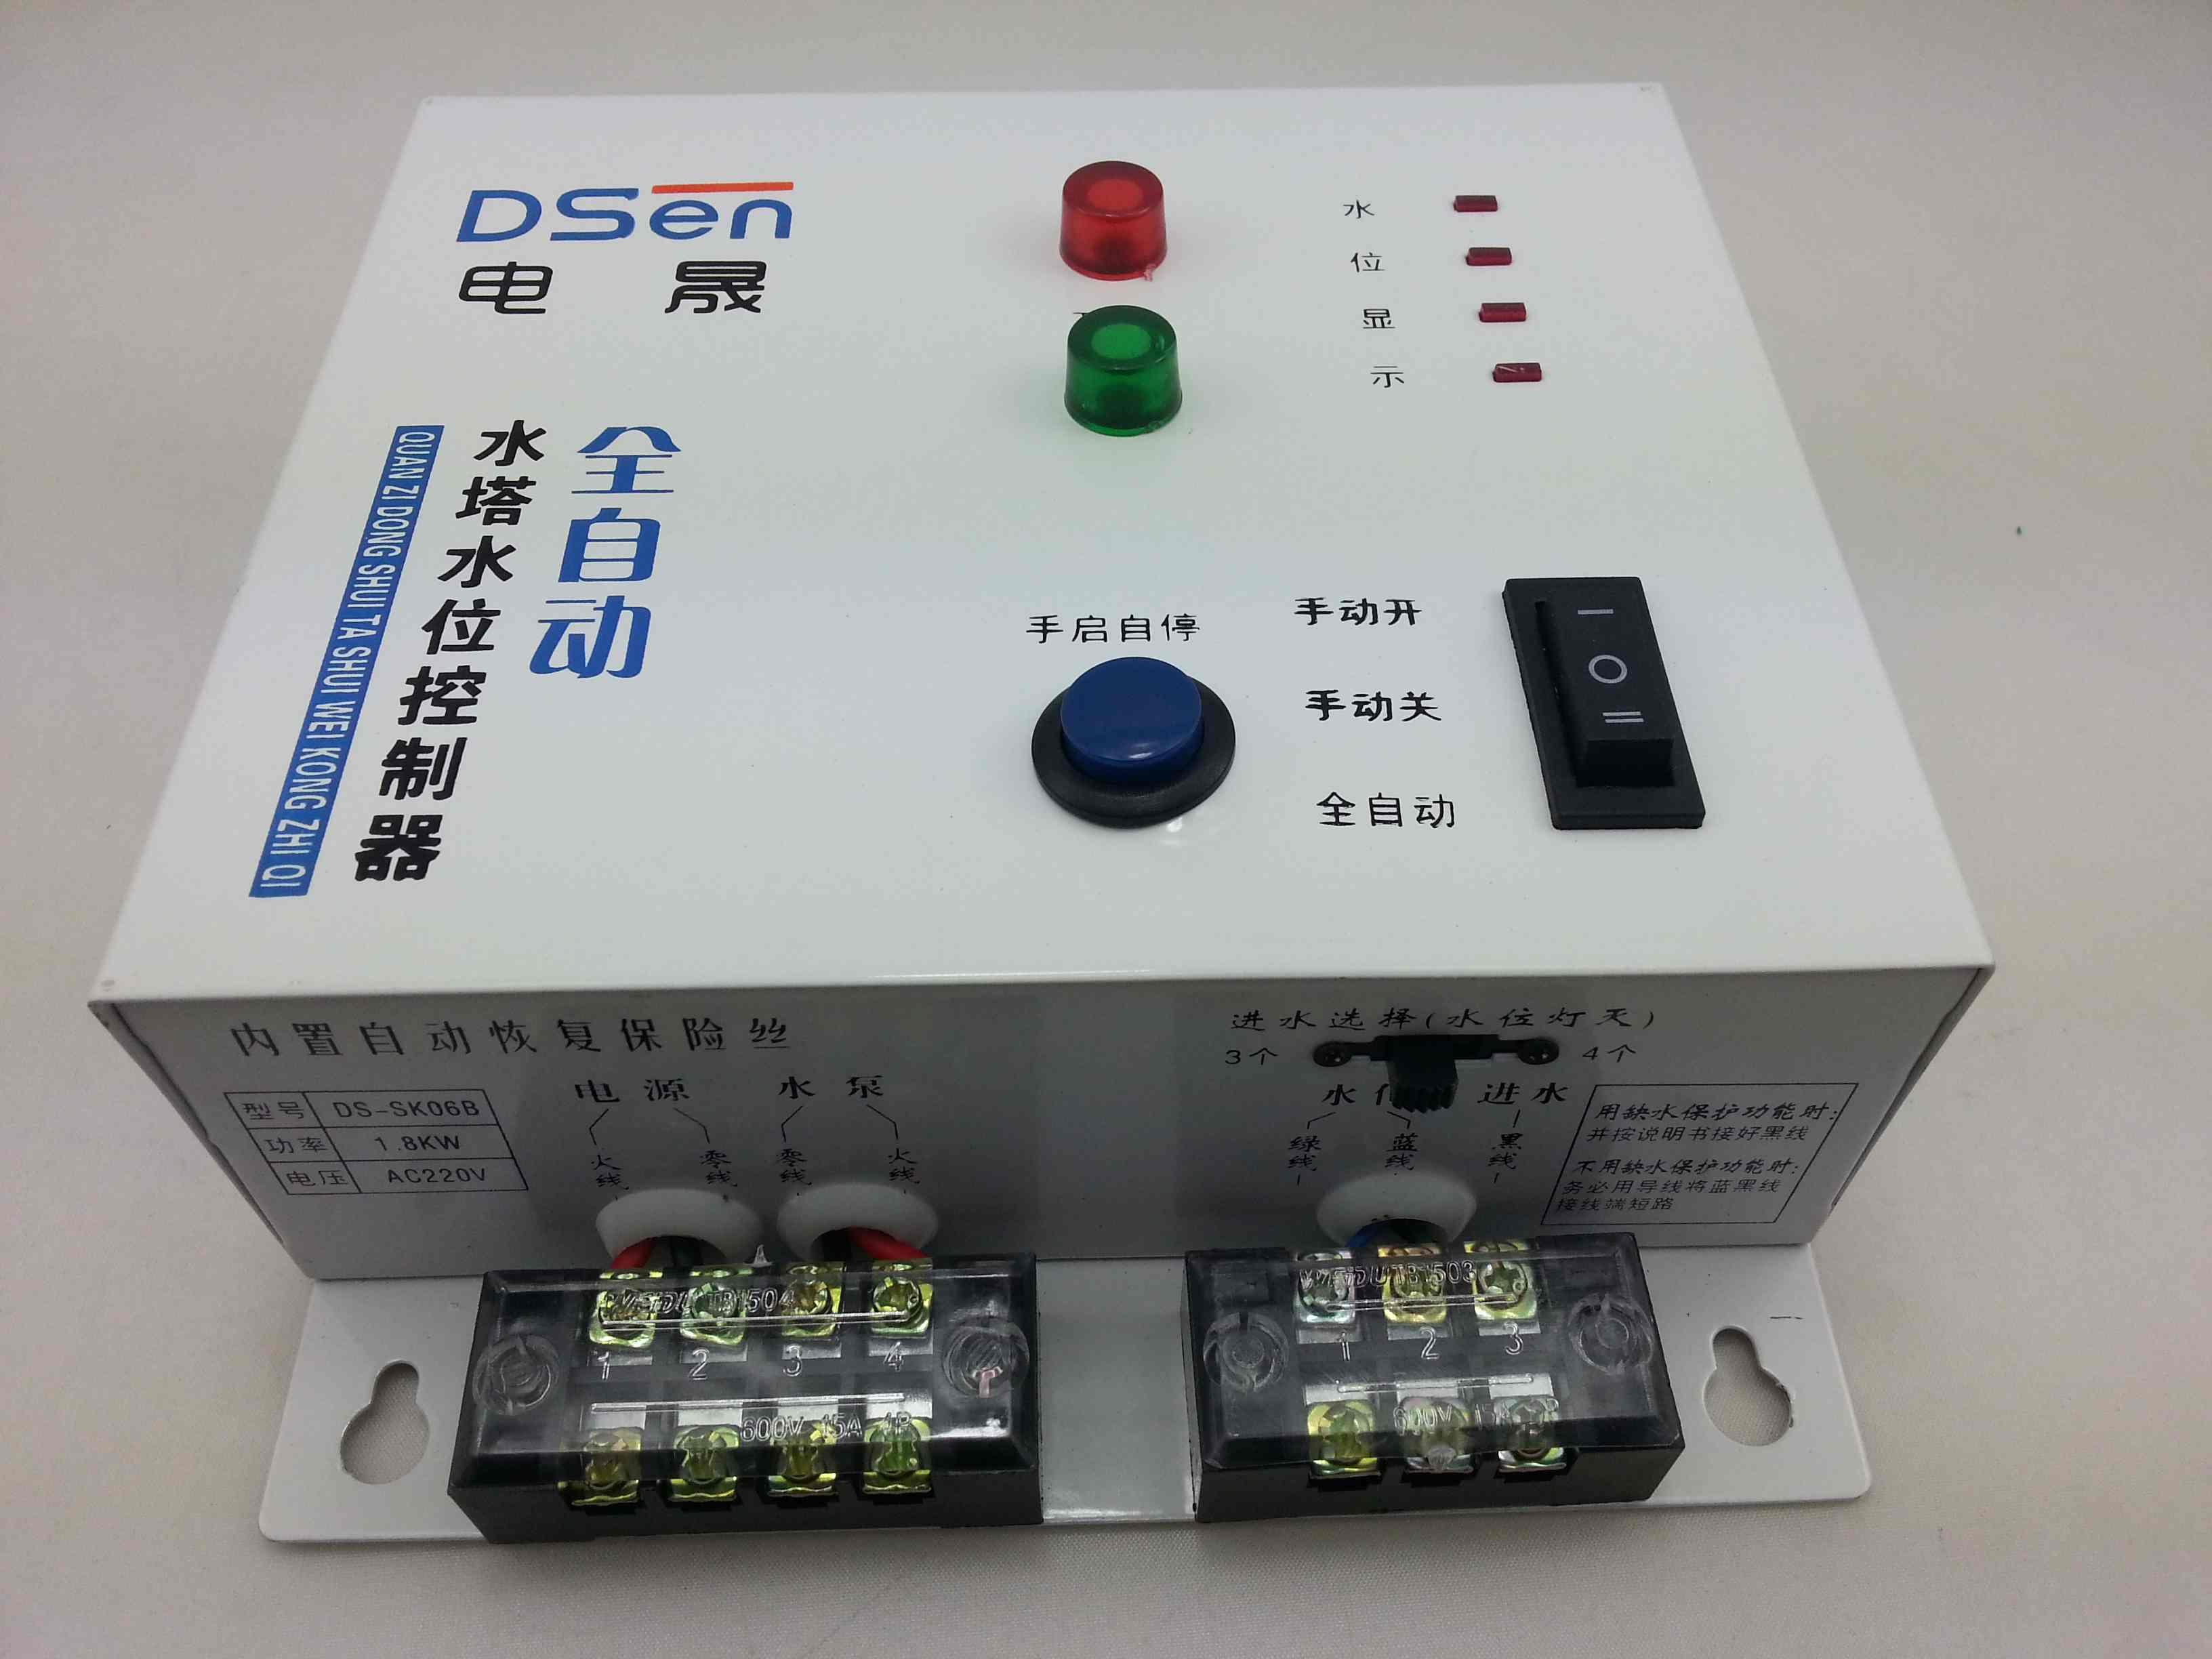 水位控制器浮球阀 水位开关自动控制器 全自动水位控制器阀图片